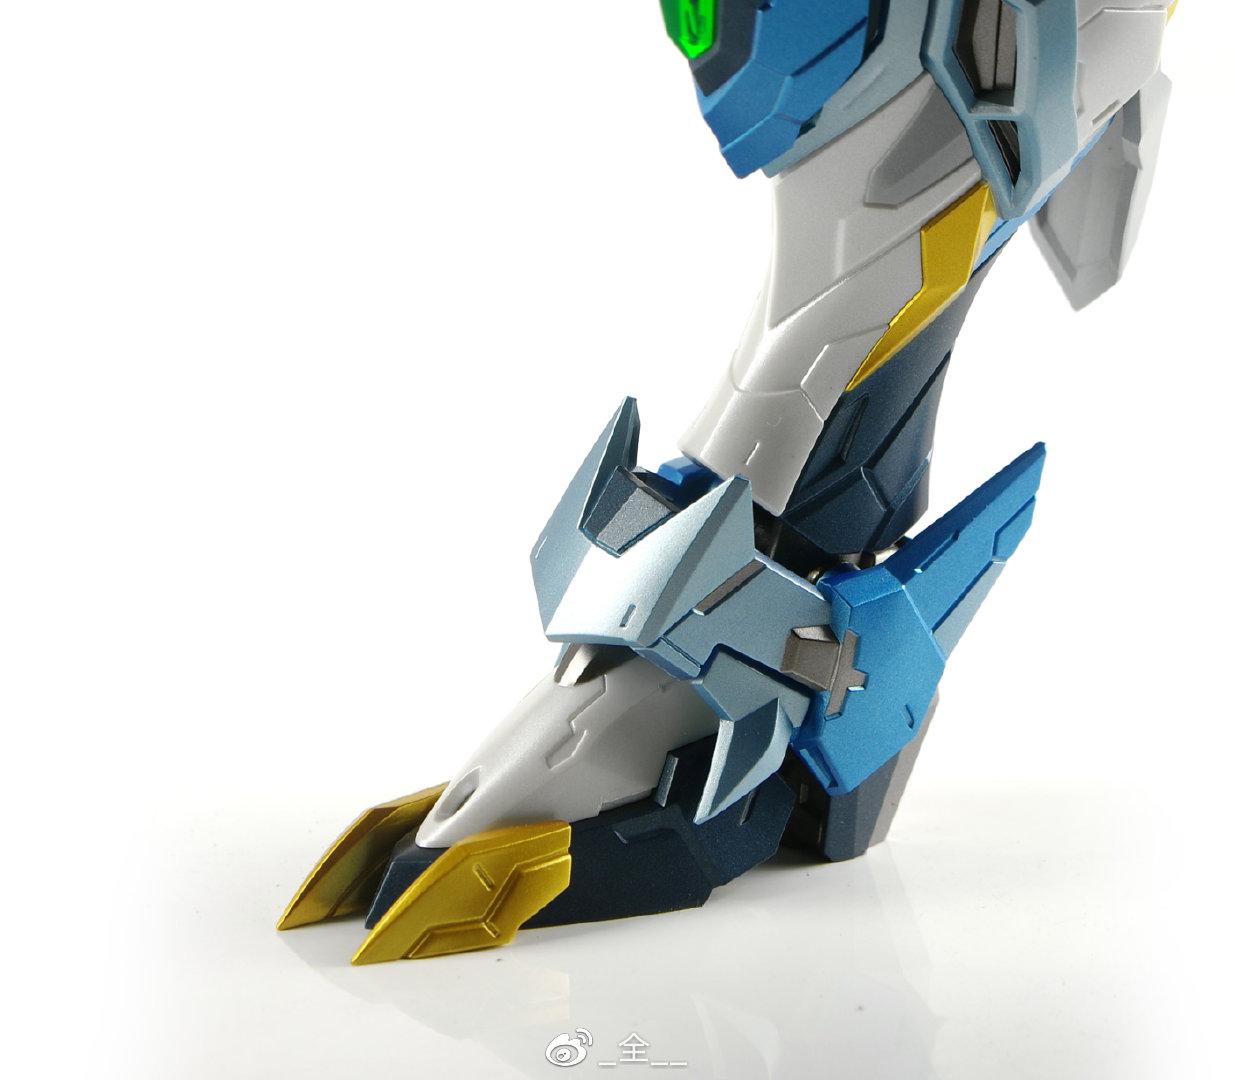 S470_MOTOR_NUCLEAR_MN_Q03_blue_gragon_ao_bing_di_hui_xing_han_long_zi_058.jpg